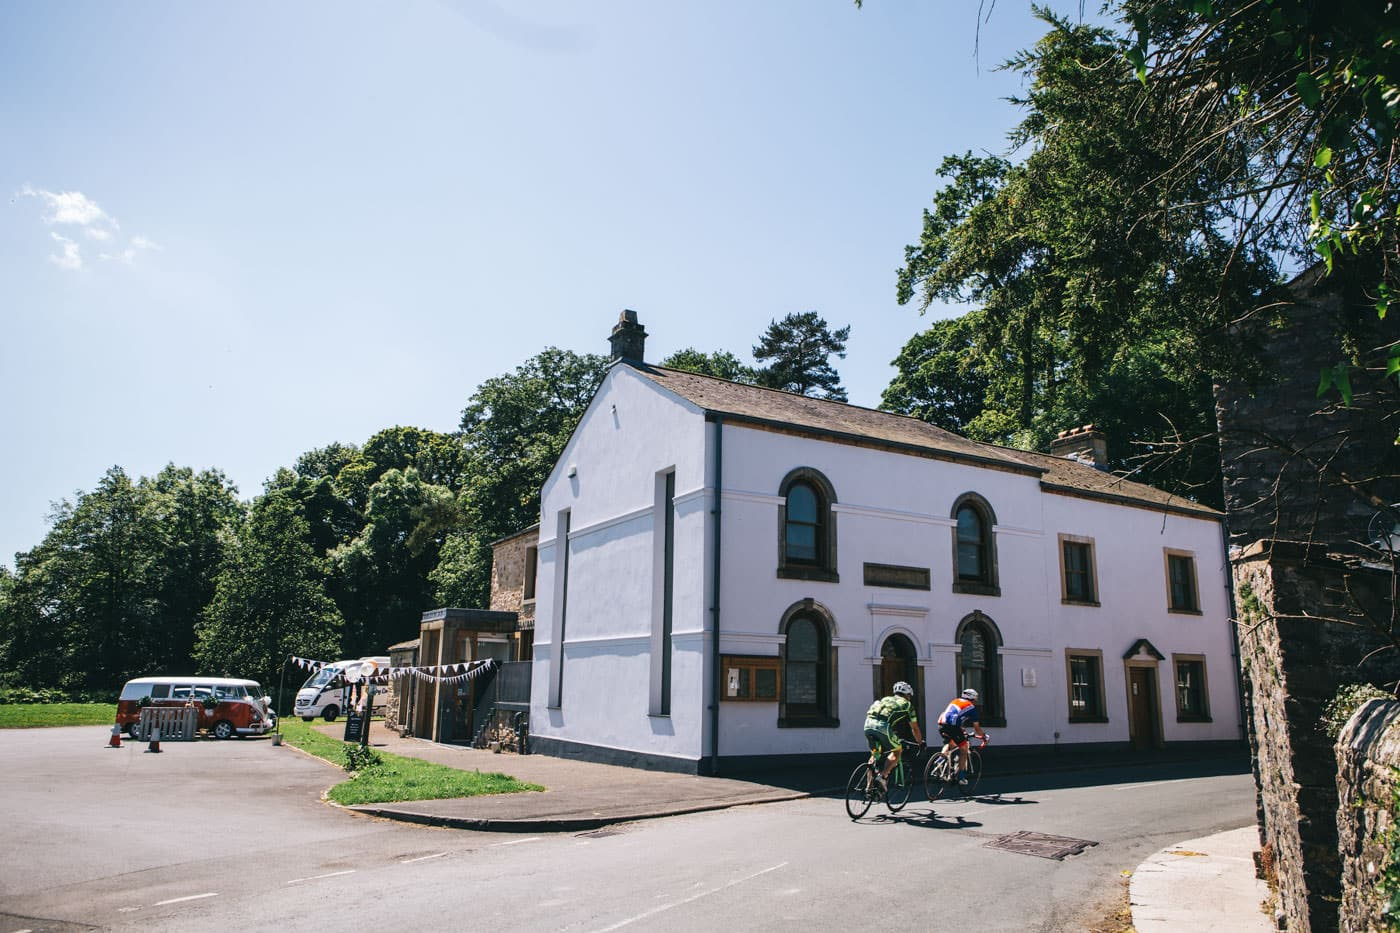 outside Slaidburn village hall